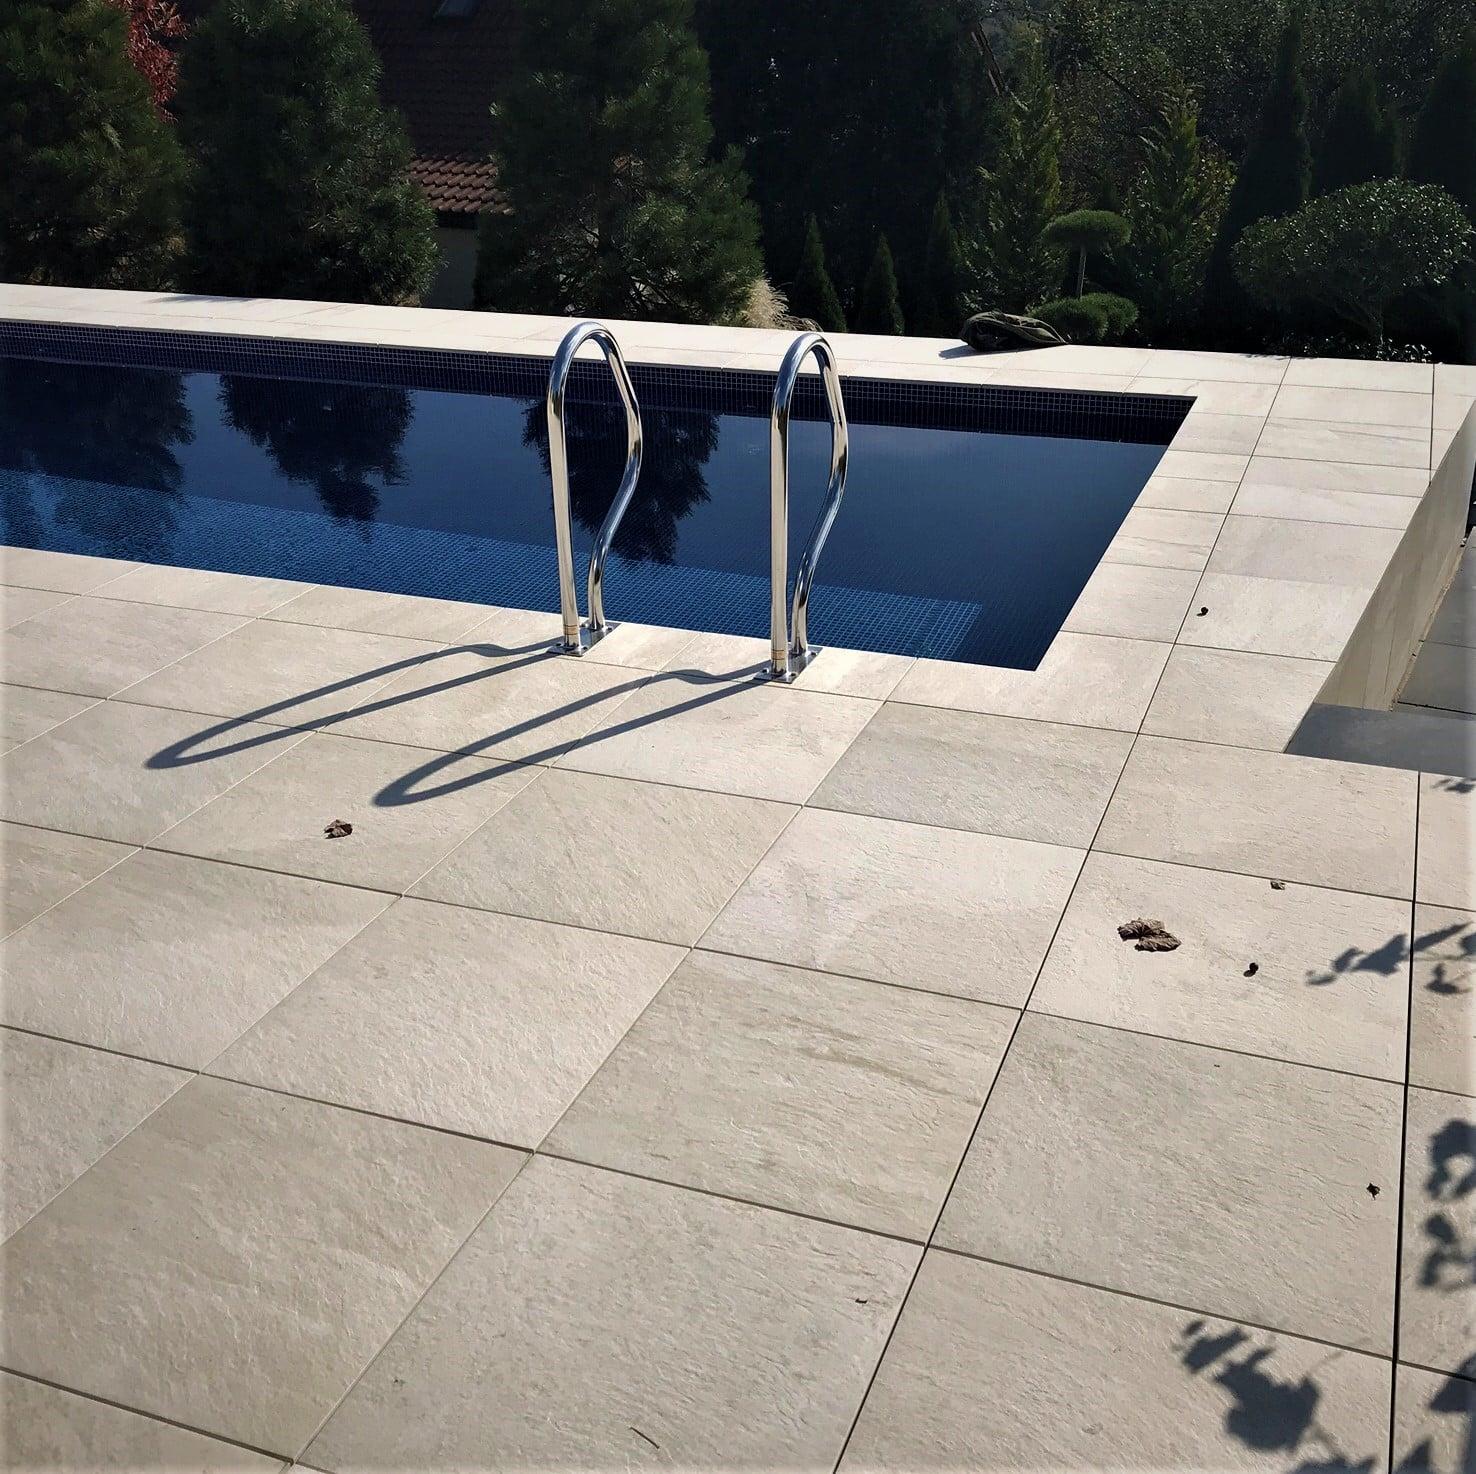 basen-roleta-dno-drabinka-mozaika-budowa basenu-ogrodowy-lampa basenowa-led-atrakcje-masaże